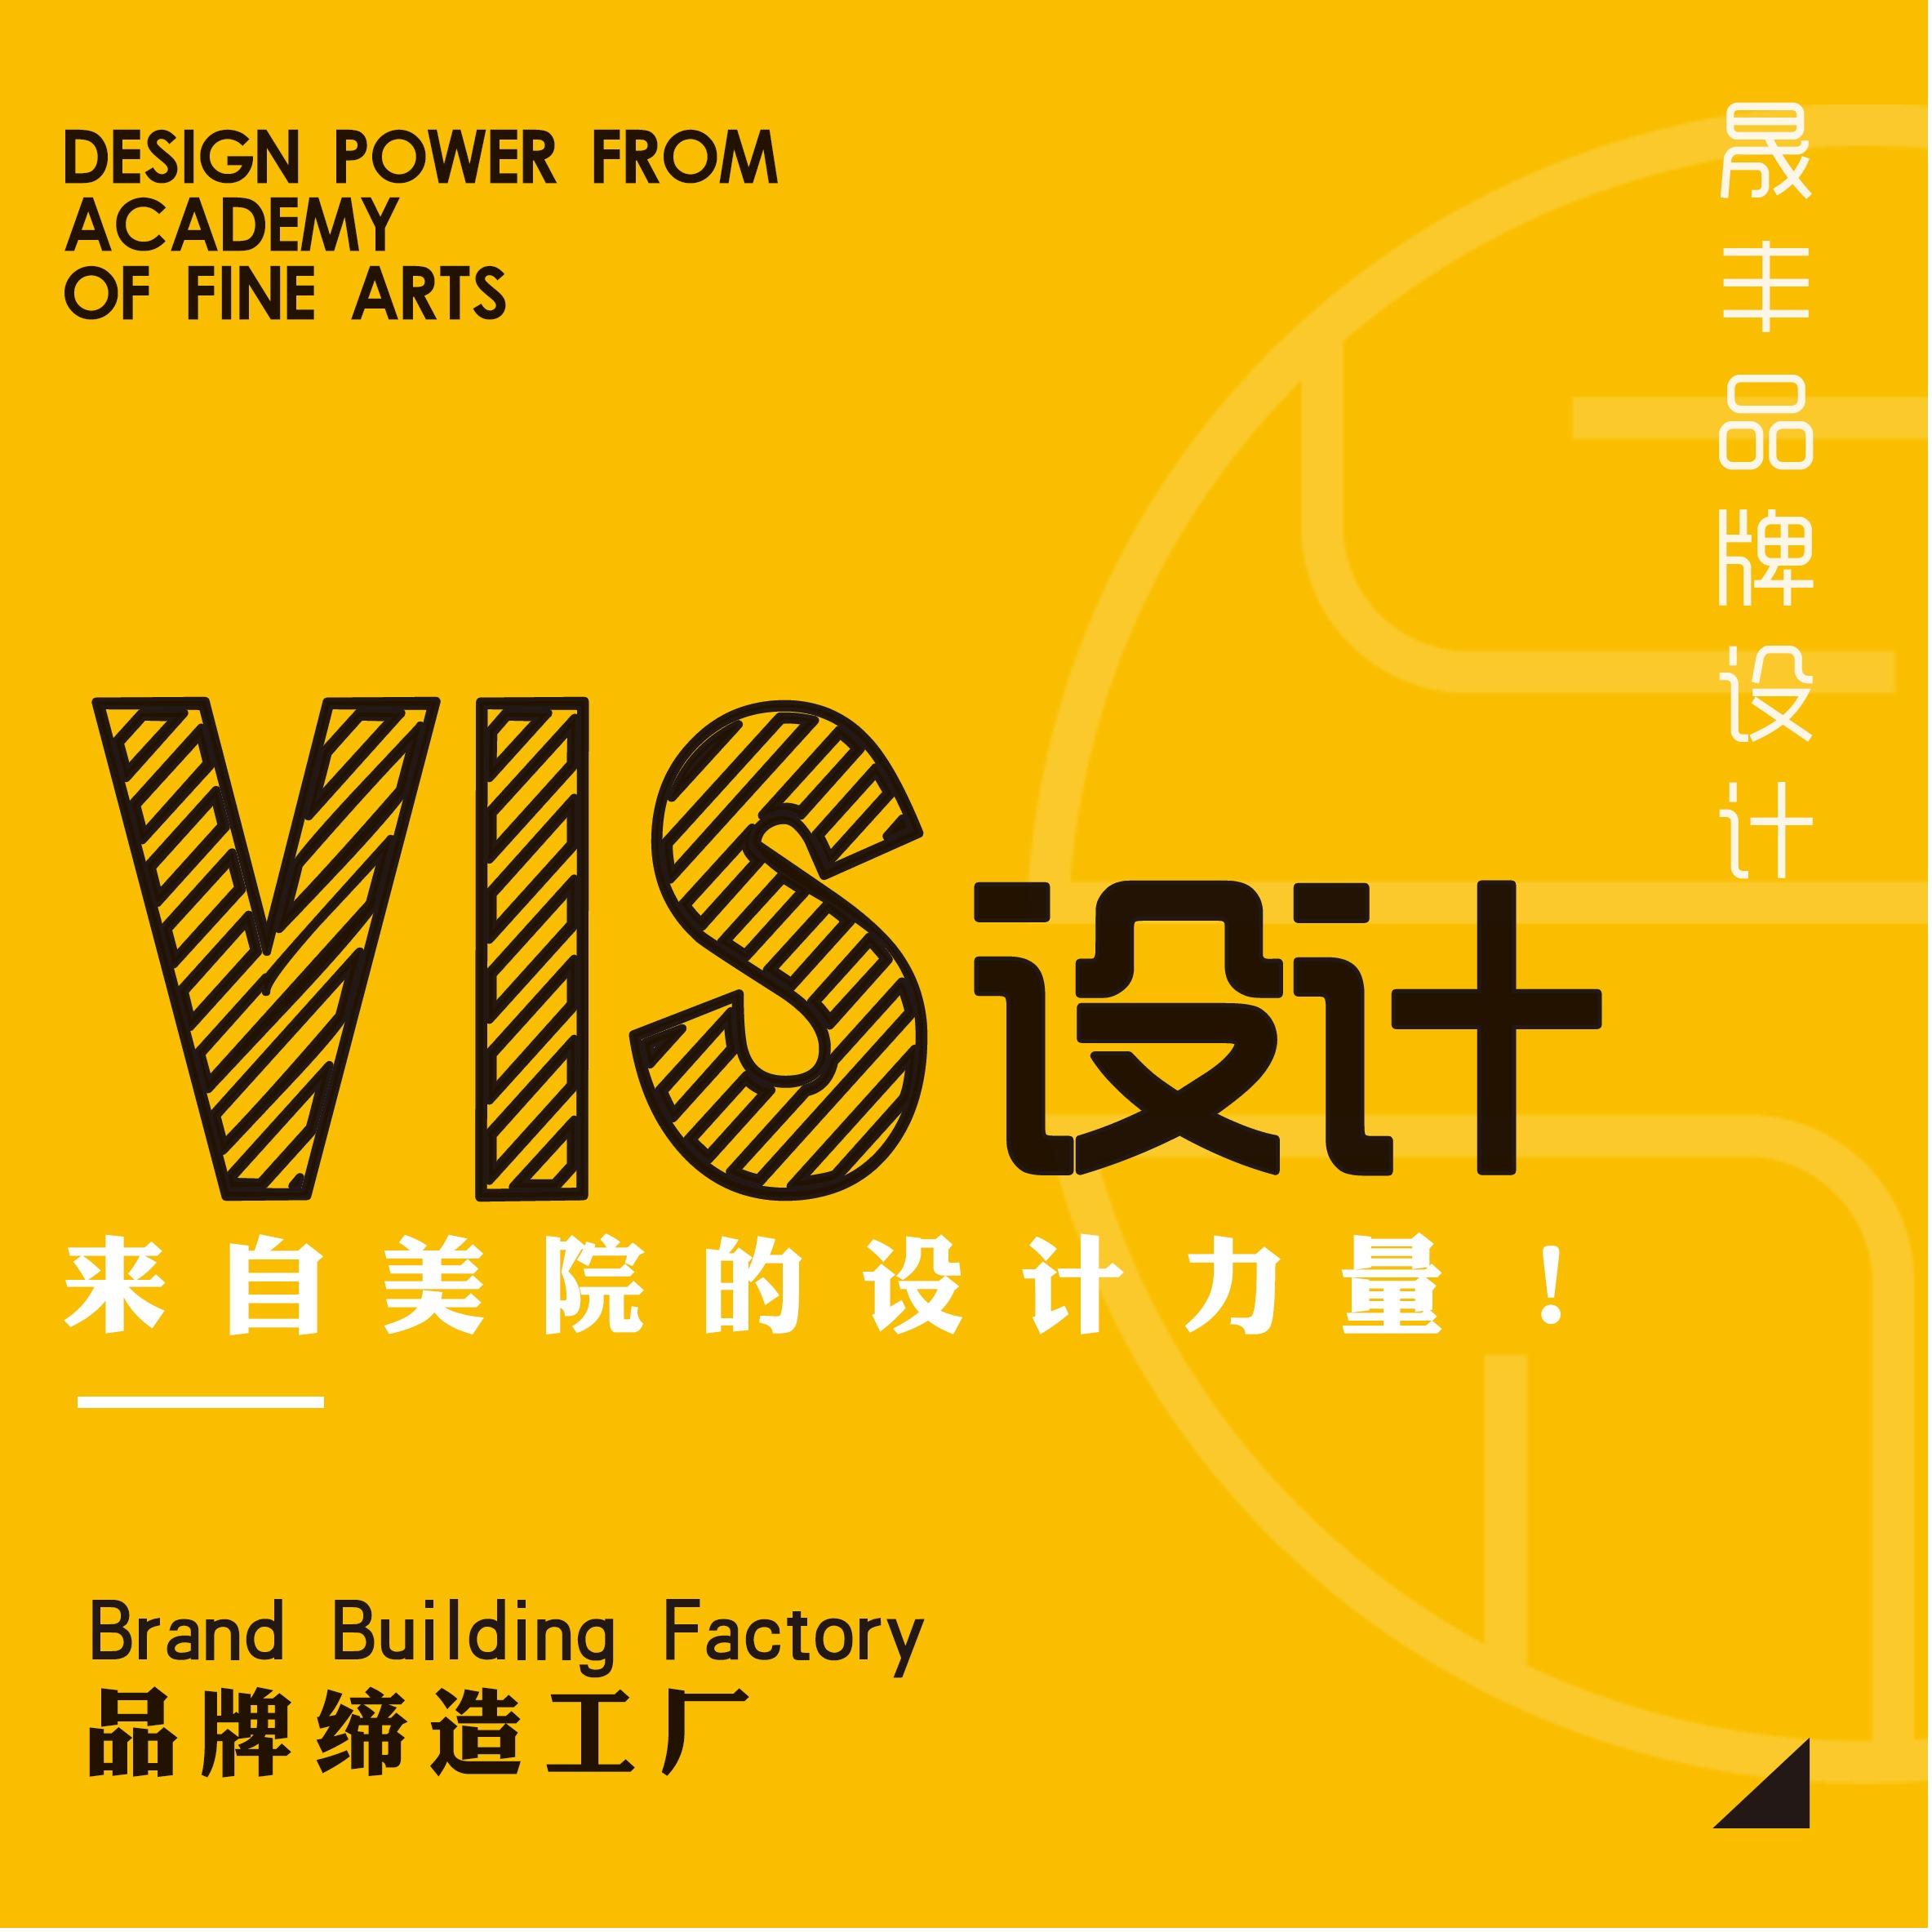 企业VIS品牌形象设计家具建材广告设计全套系统升级导视手册